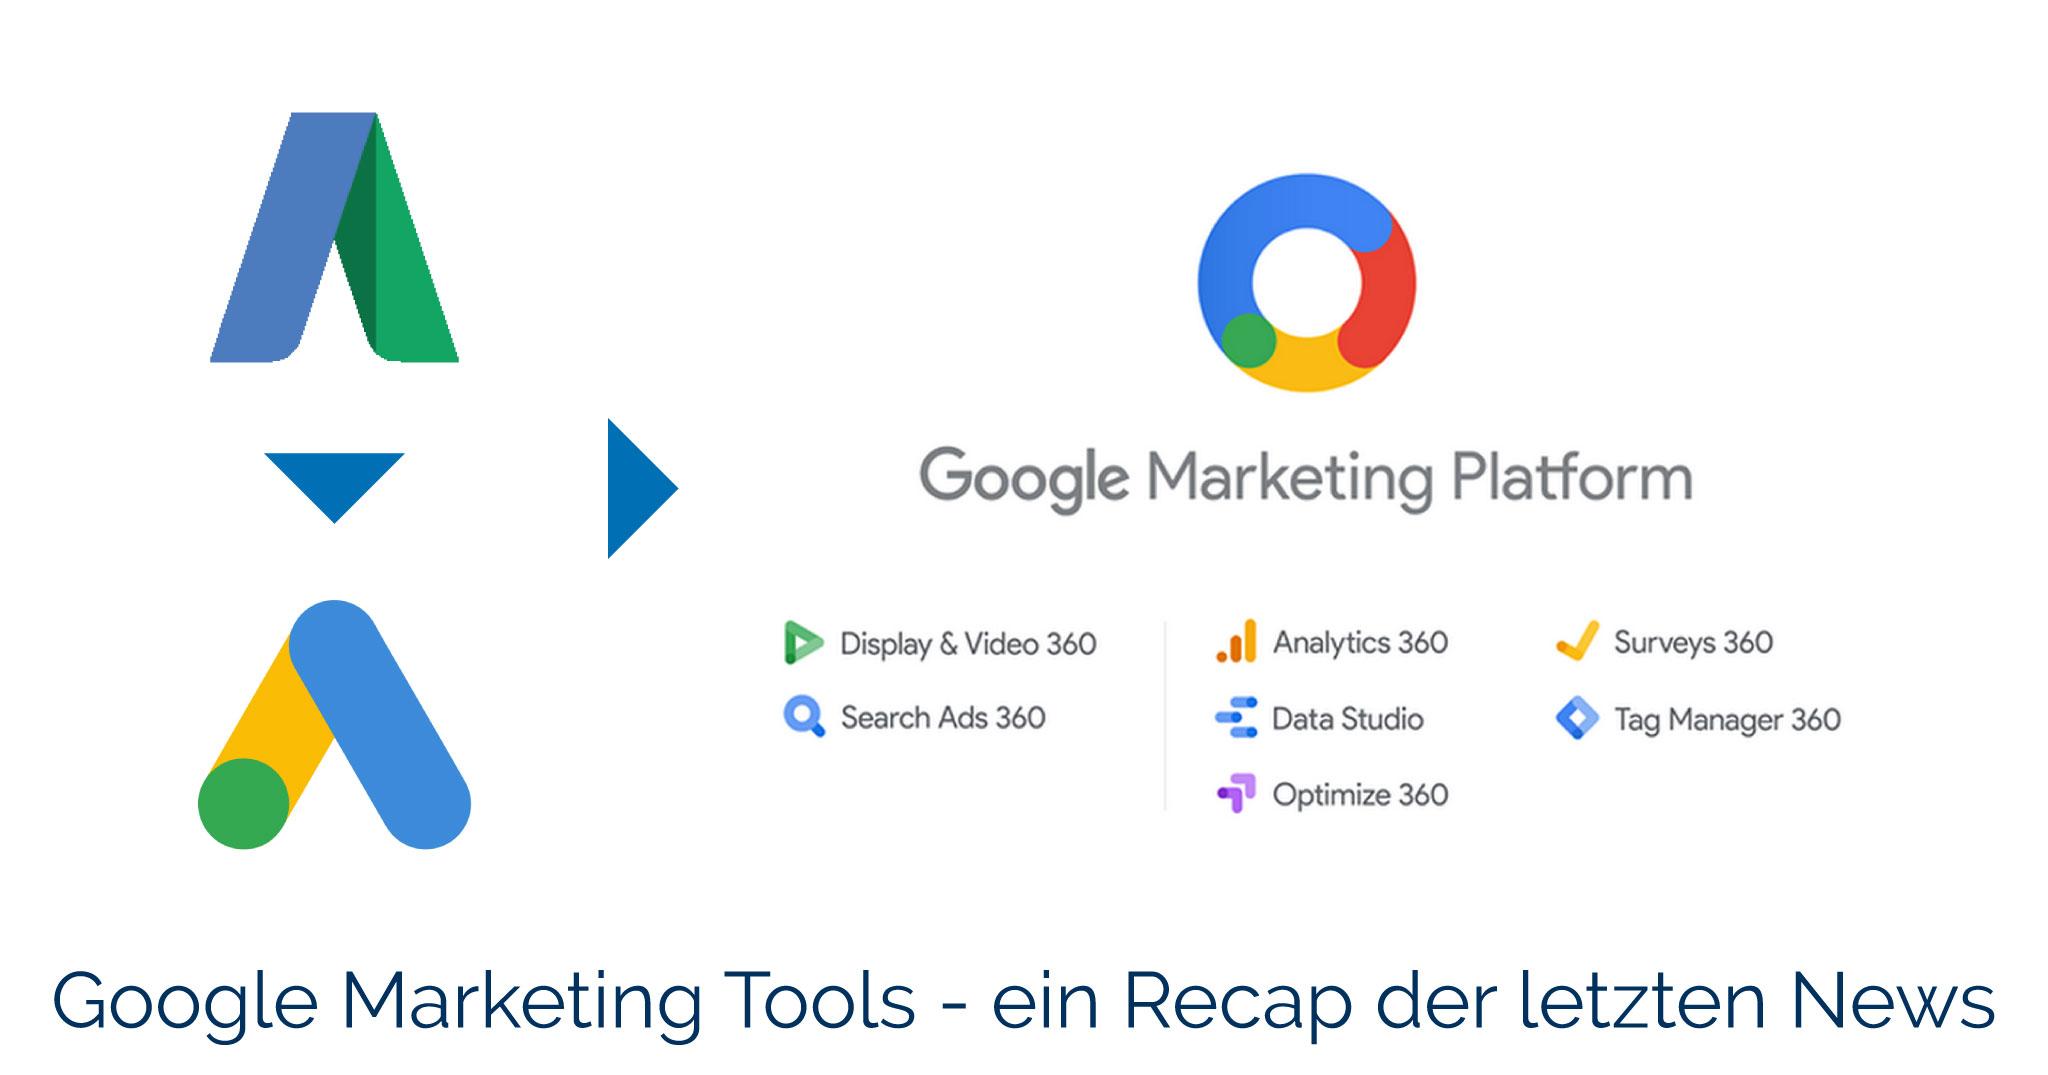 google Marketing Tools | Recap August 2018 | Beitragsbild und FB Share